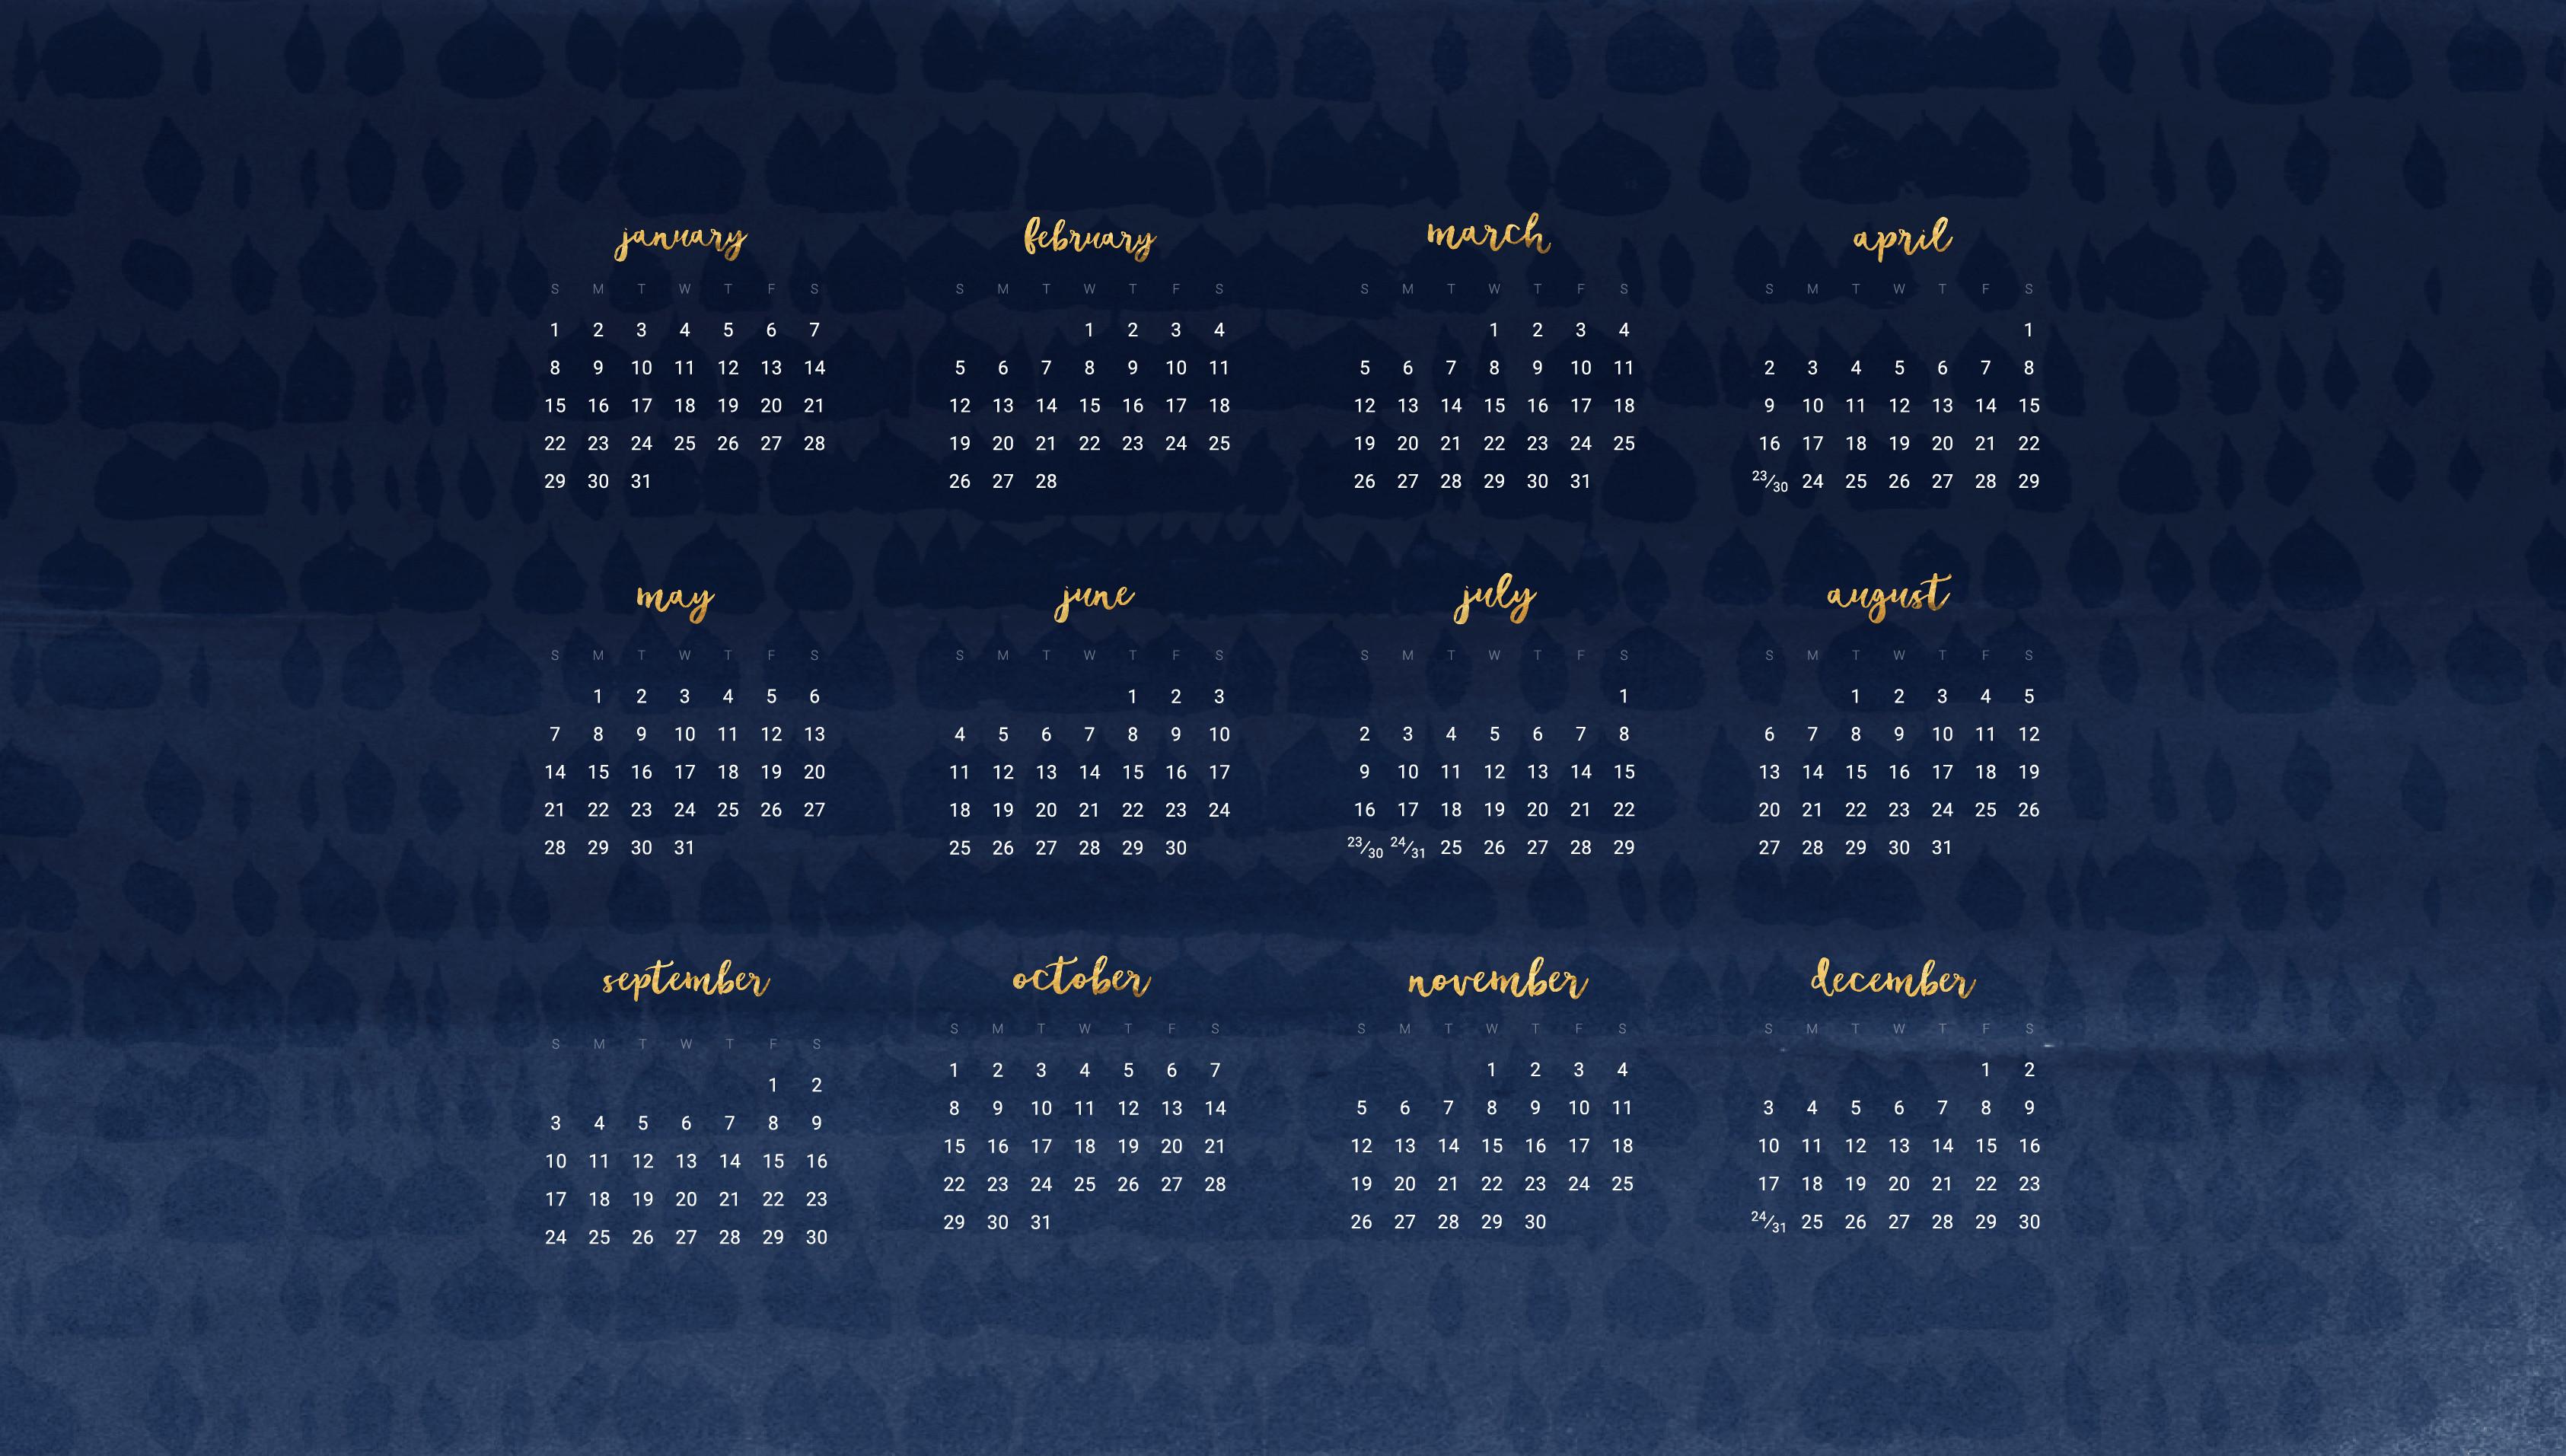 Calendar In Wallpaper : Desktop wallpapers calendar march  pictures